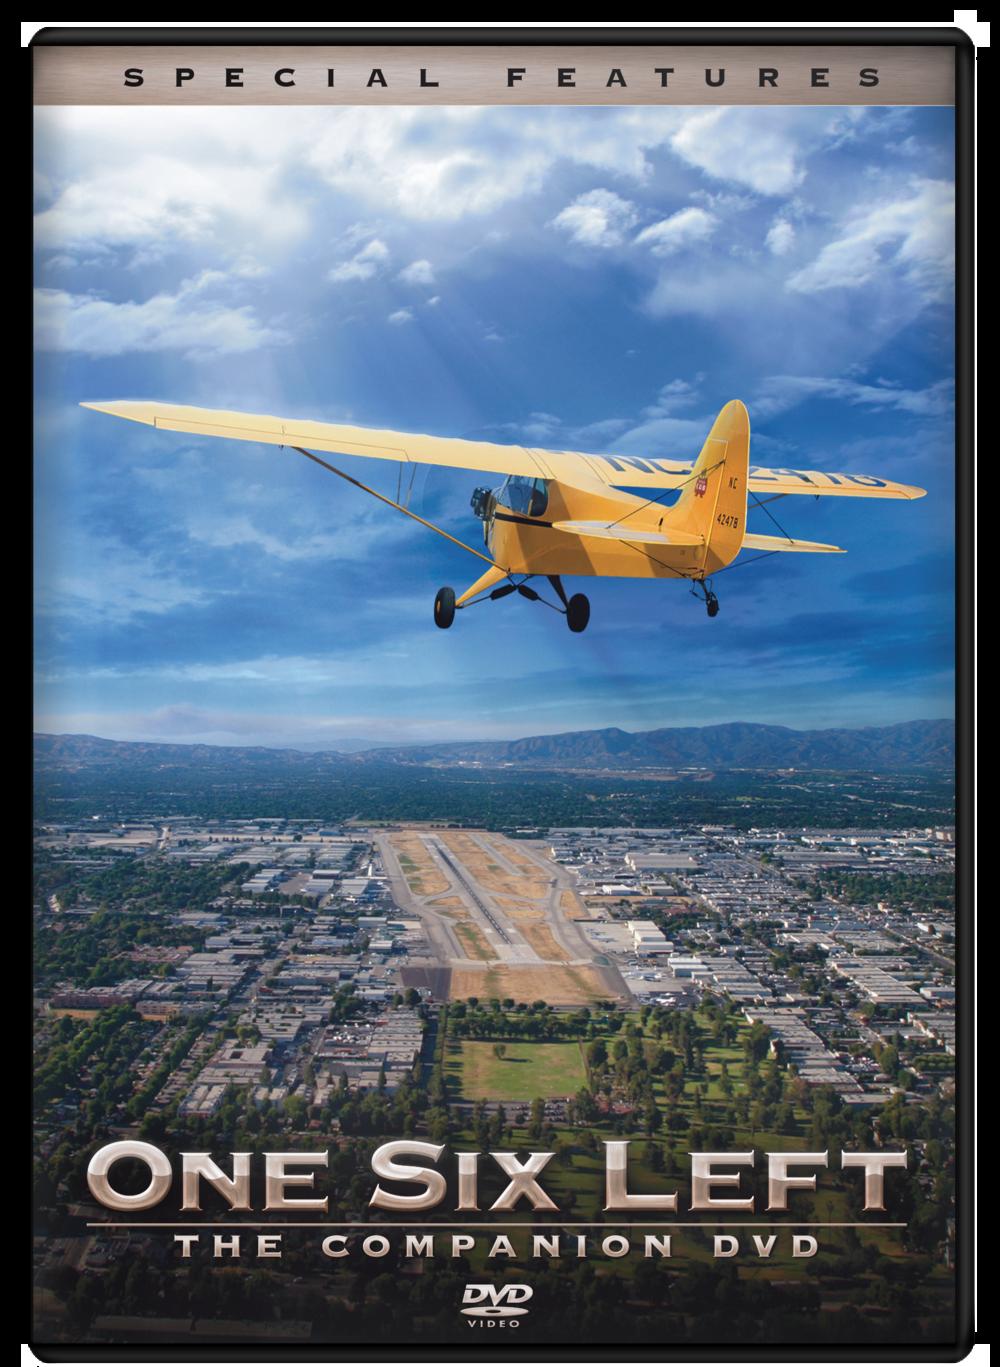 One Six Left [DVD]